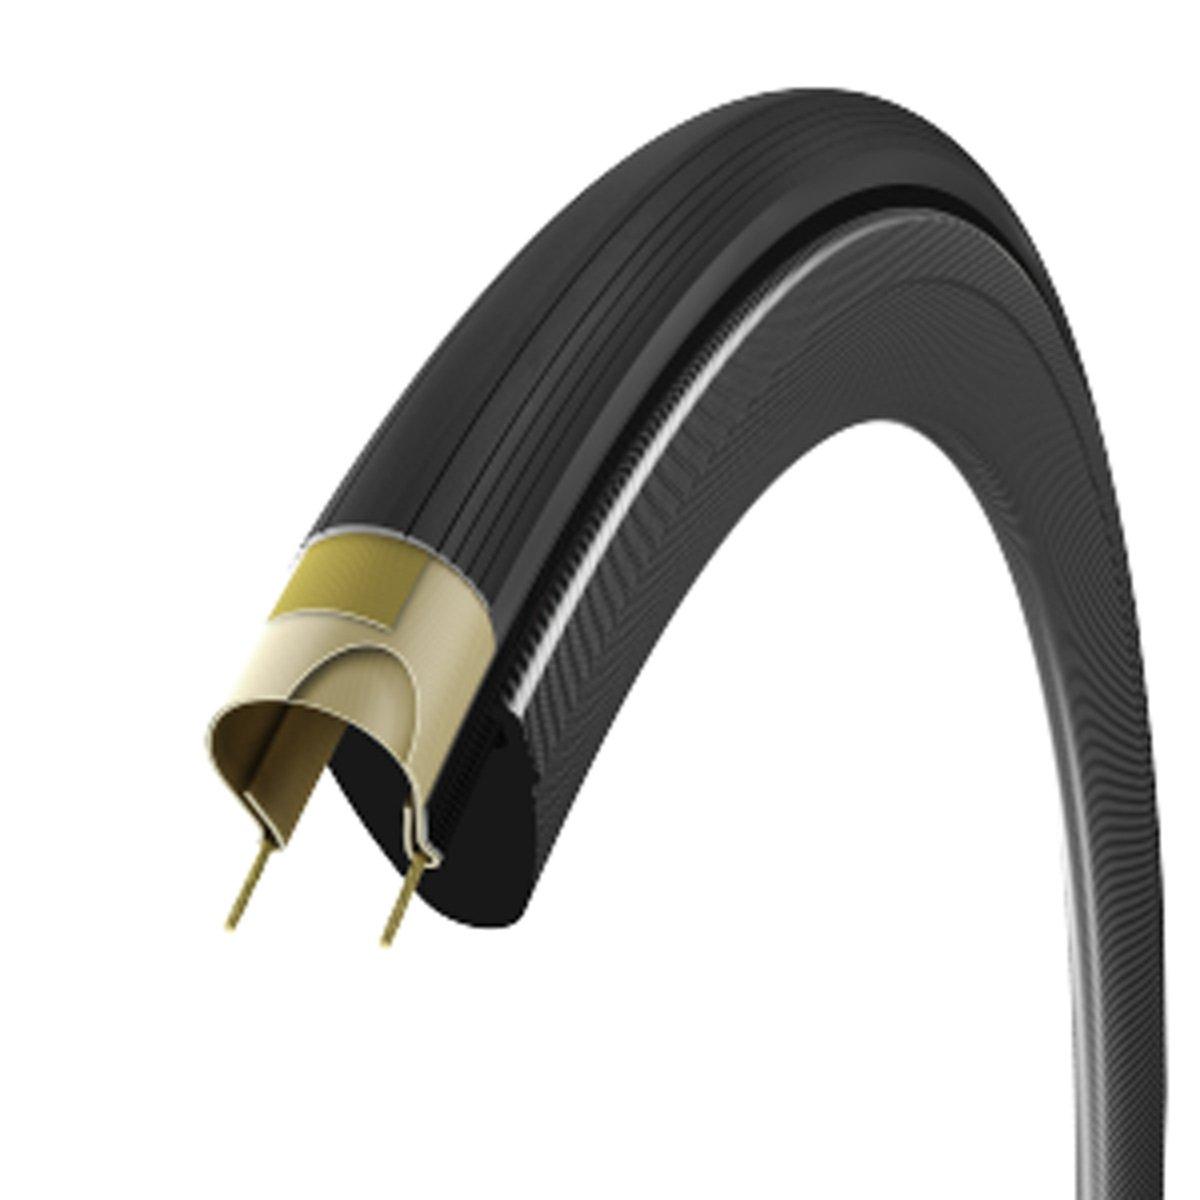 Vittoria(ビットリア) タイヤ コルサスピード [corsa speed] チューブラー ロード用 B077K3W8W5 23-28